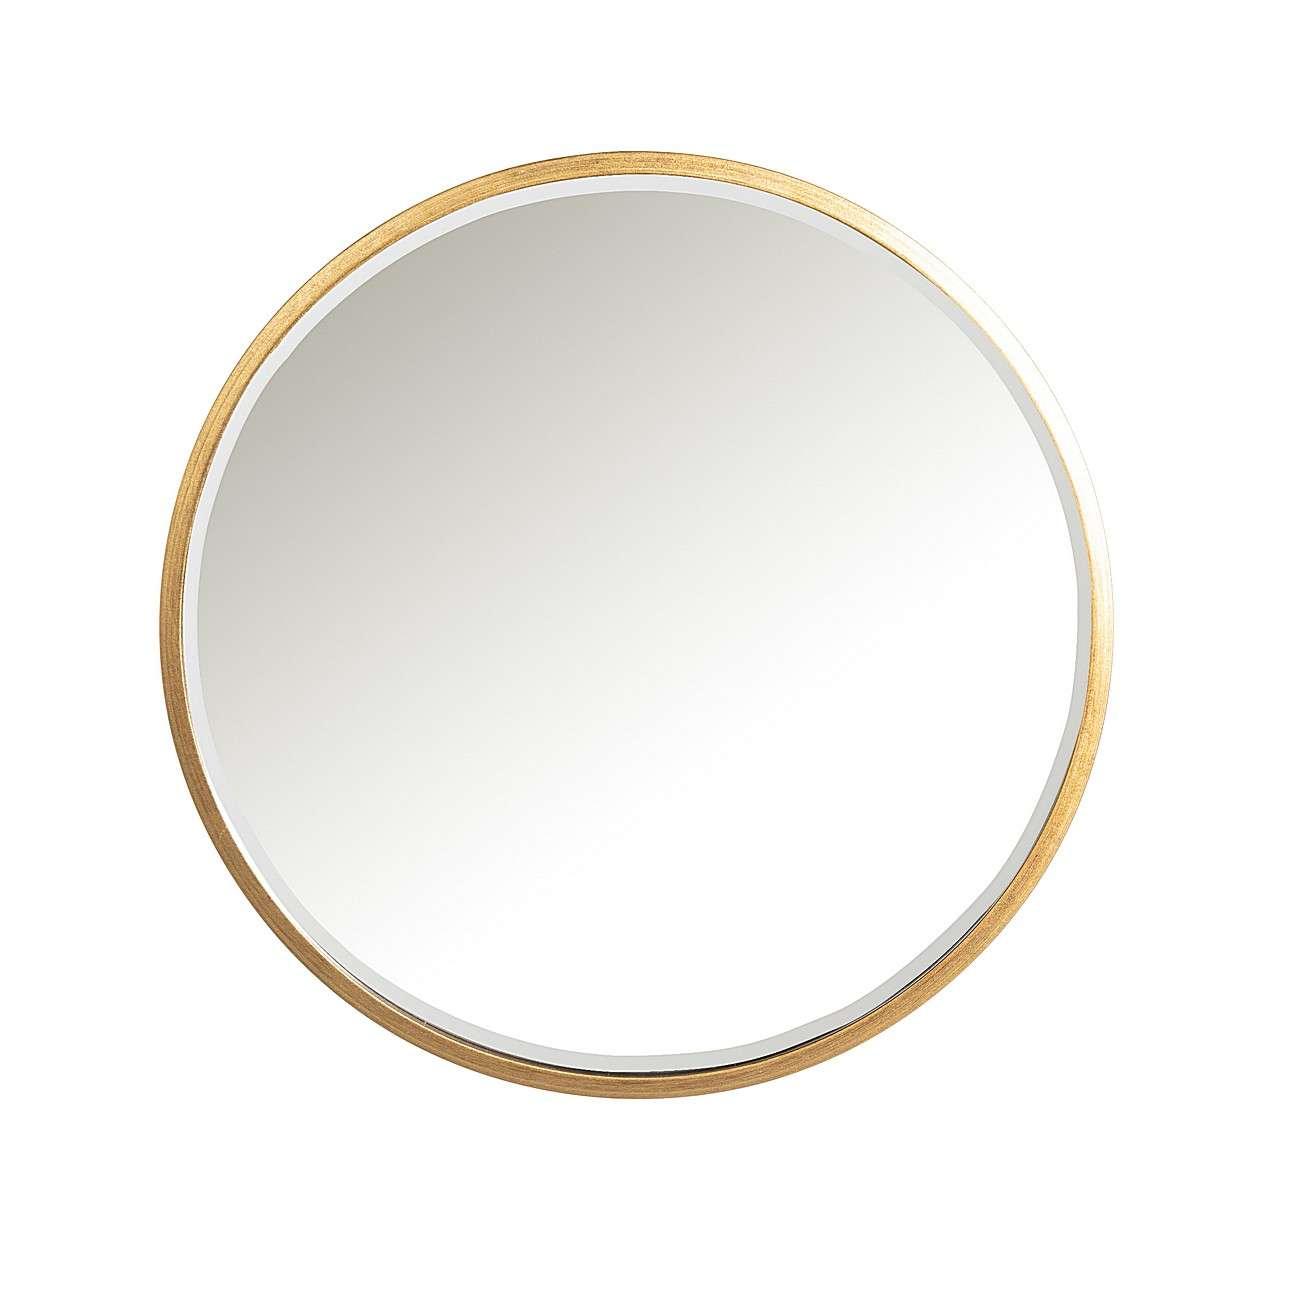 Zrcadlo Vento Gold průměr 80cm